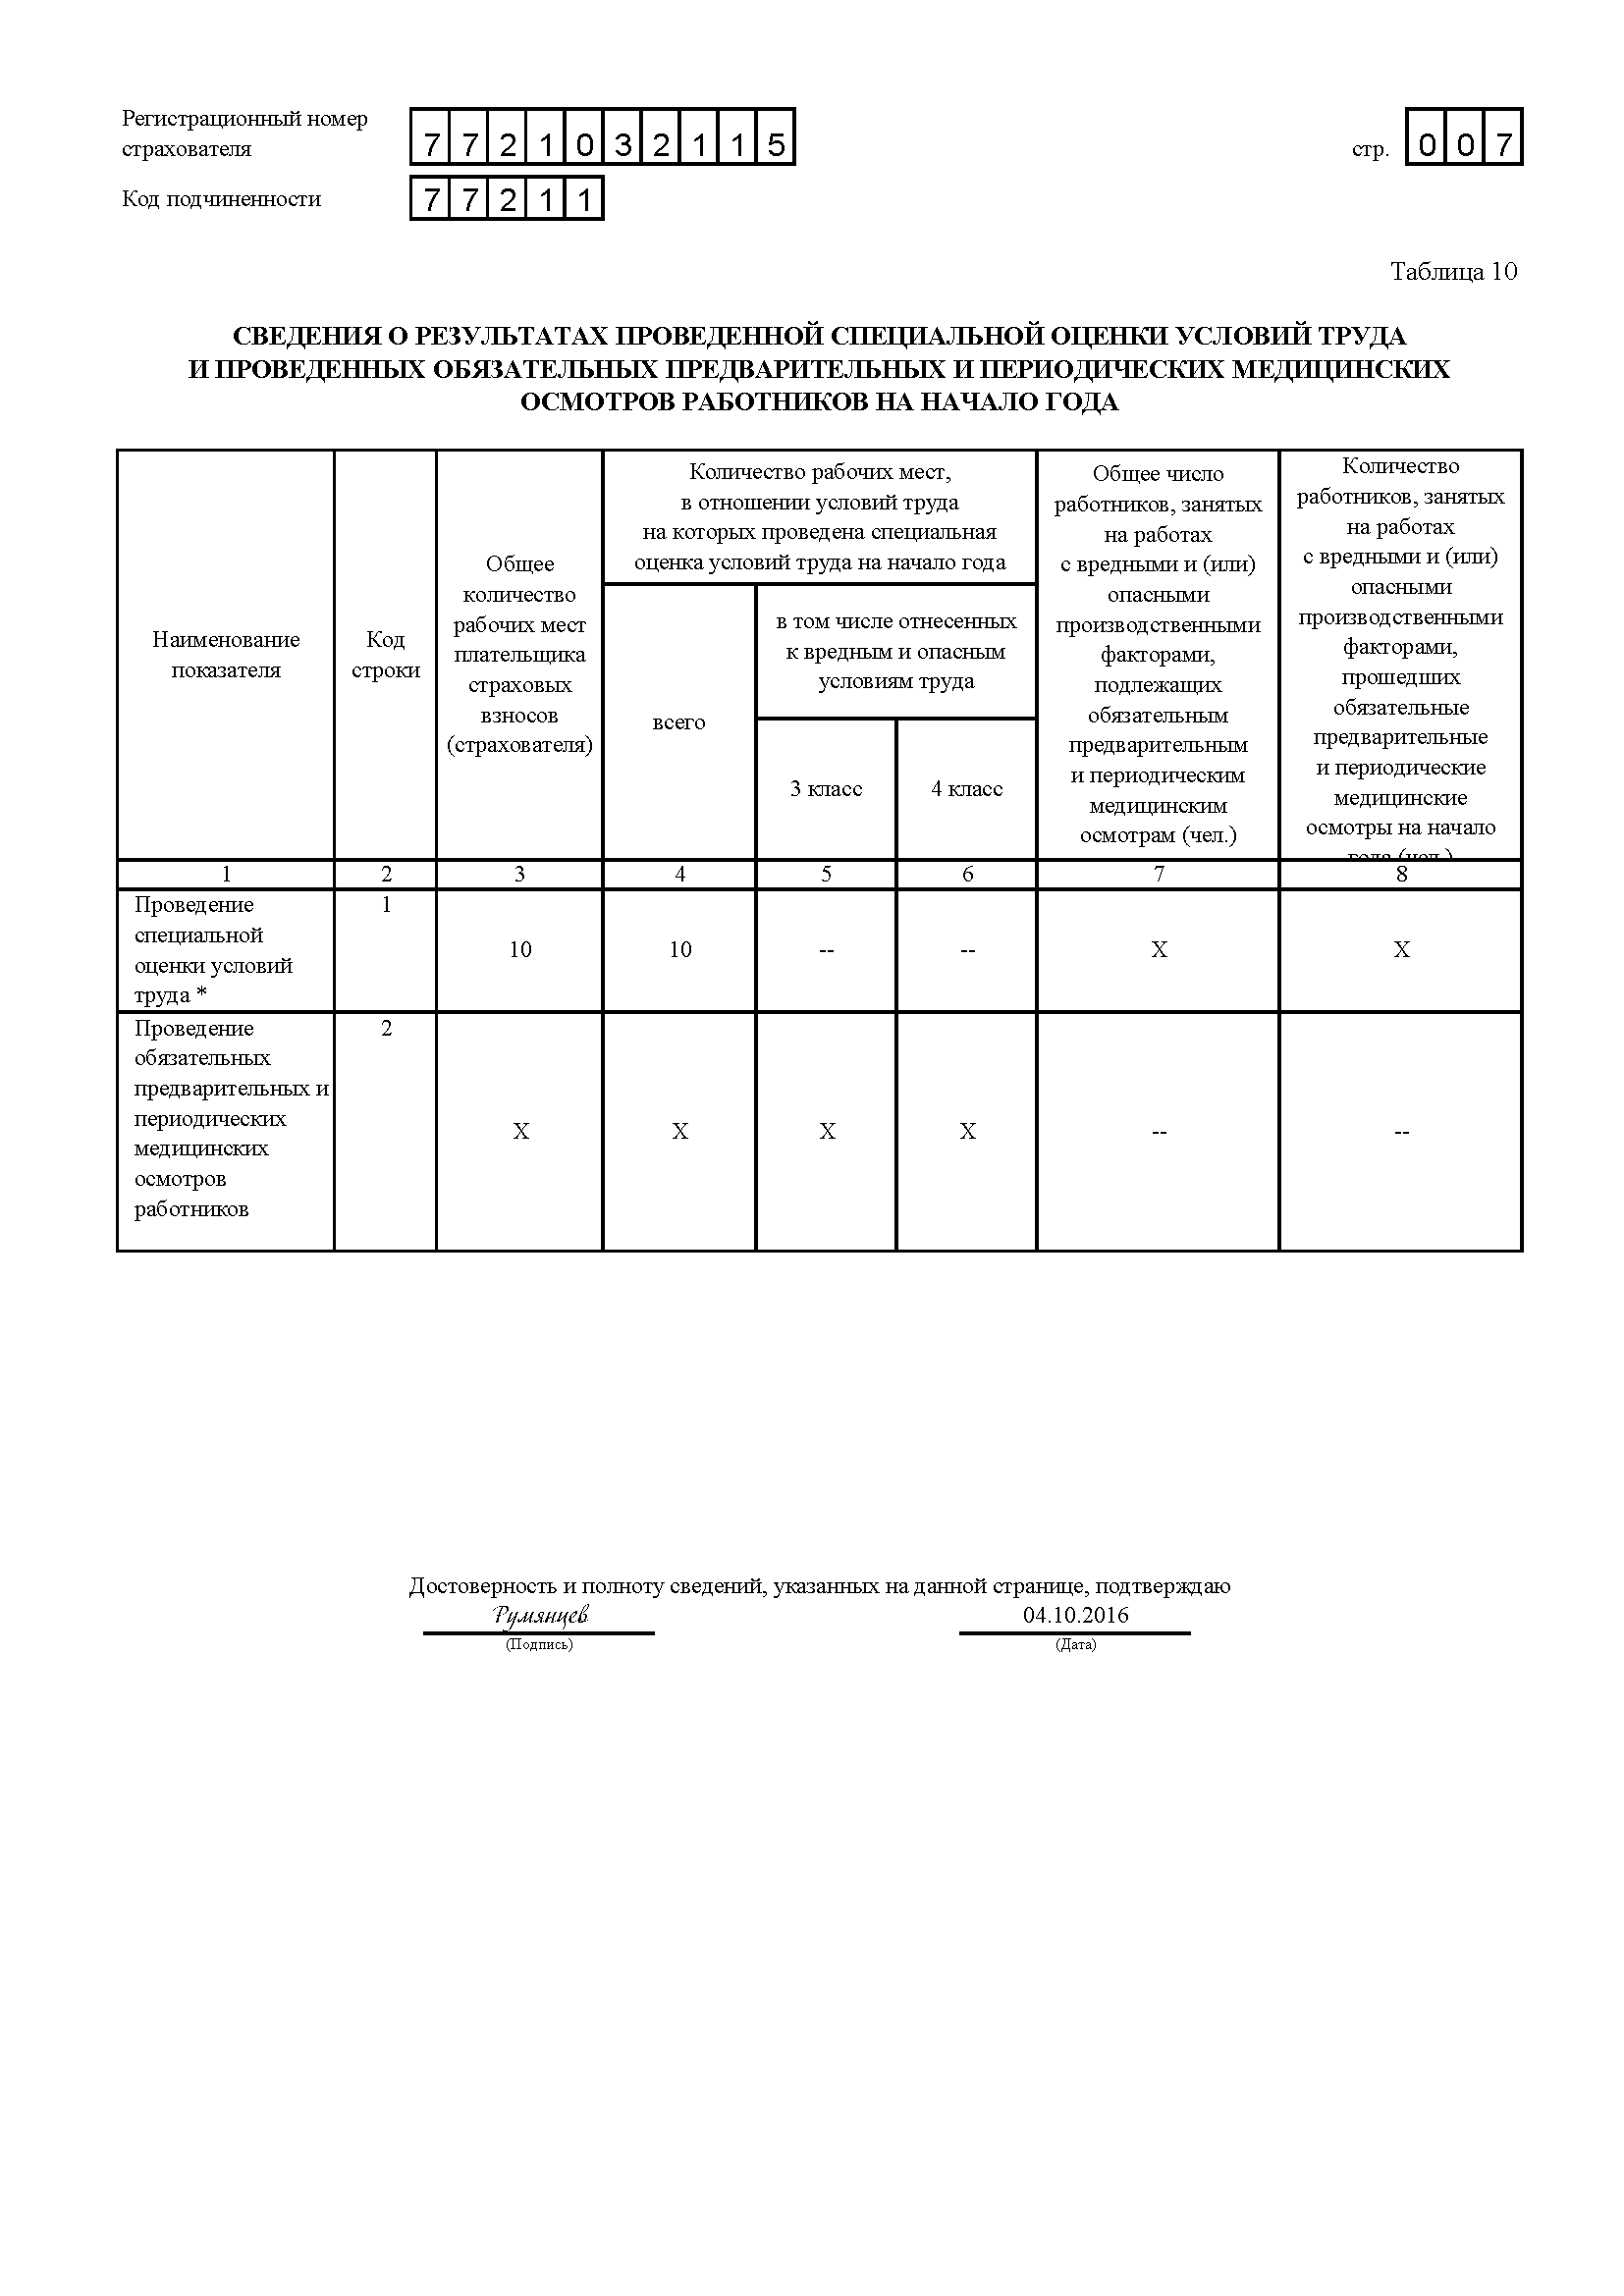 Скачать форму 4-фсс от 04072016 260 - c9058